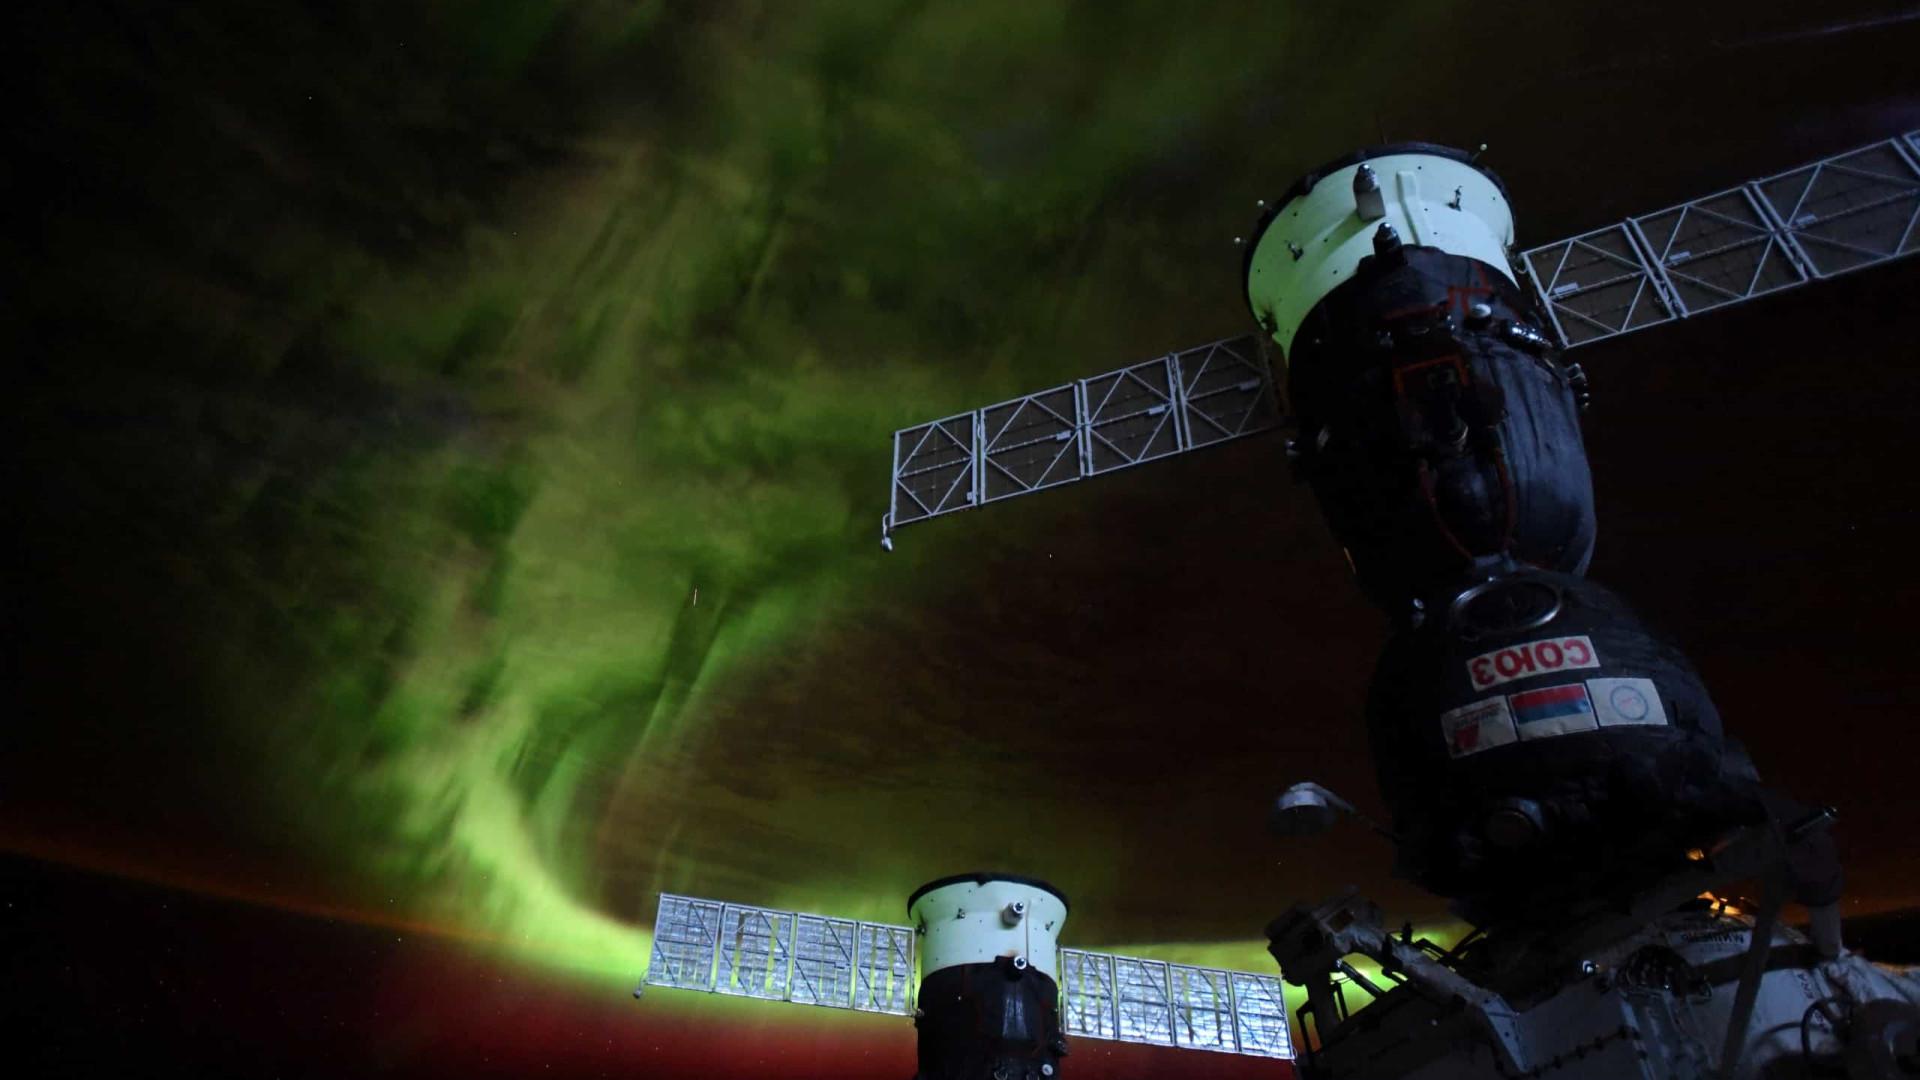 Investigadores descobrem sinais misteriosos vindos do Espaço